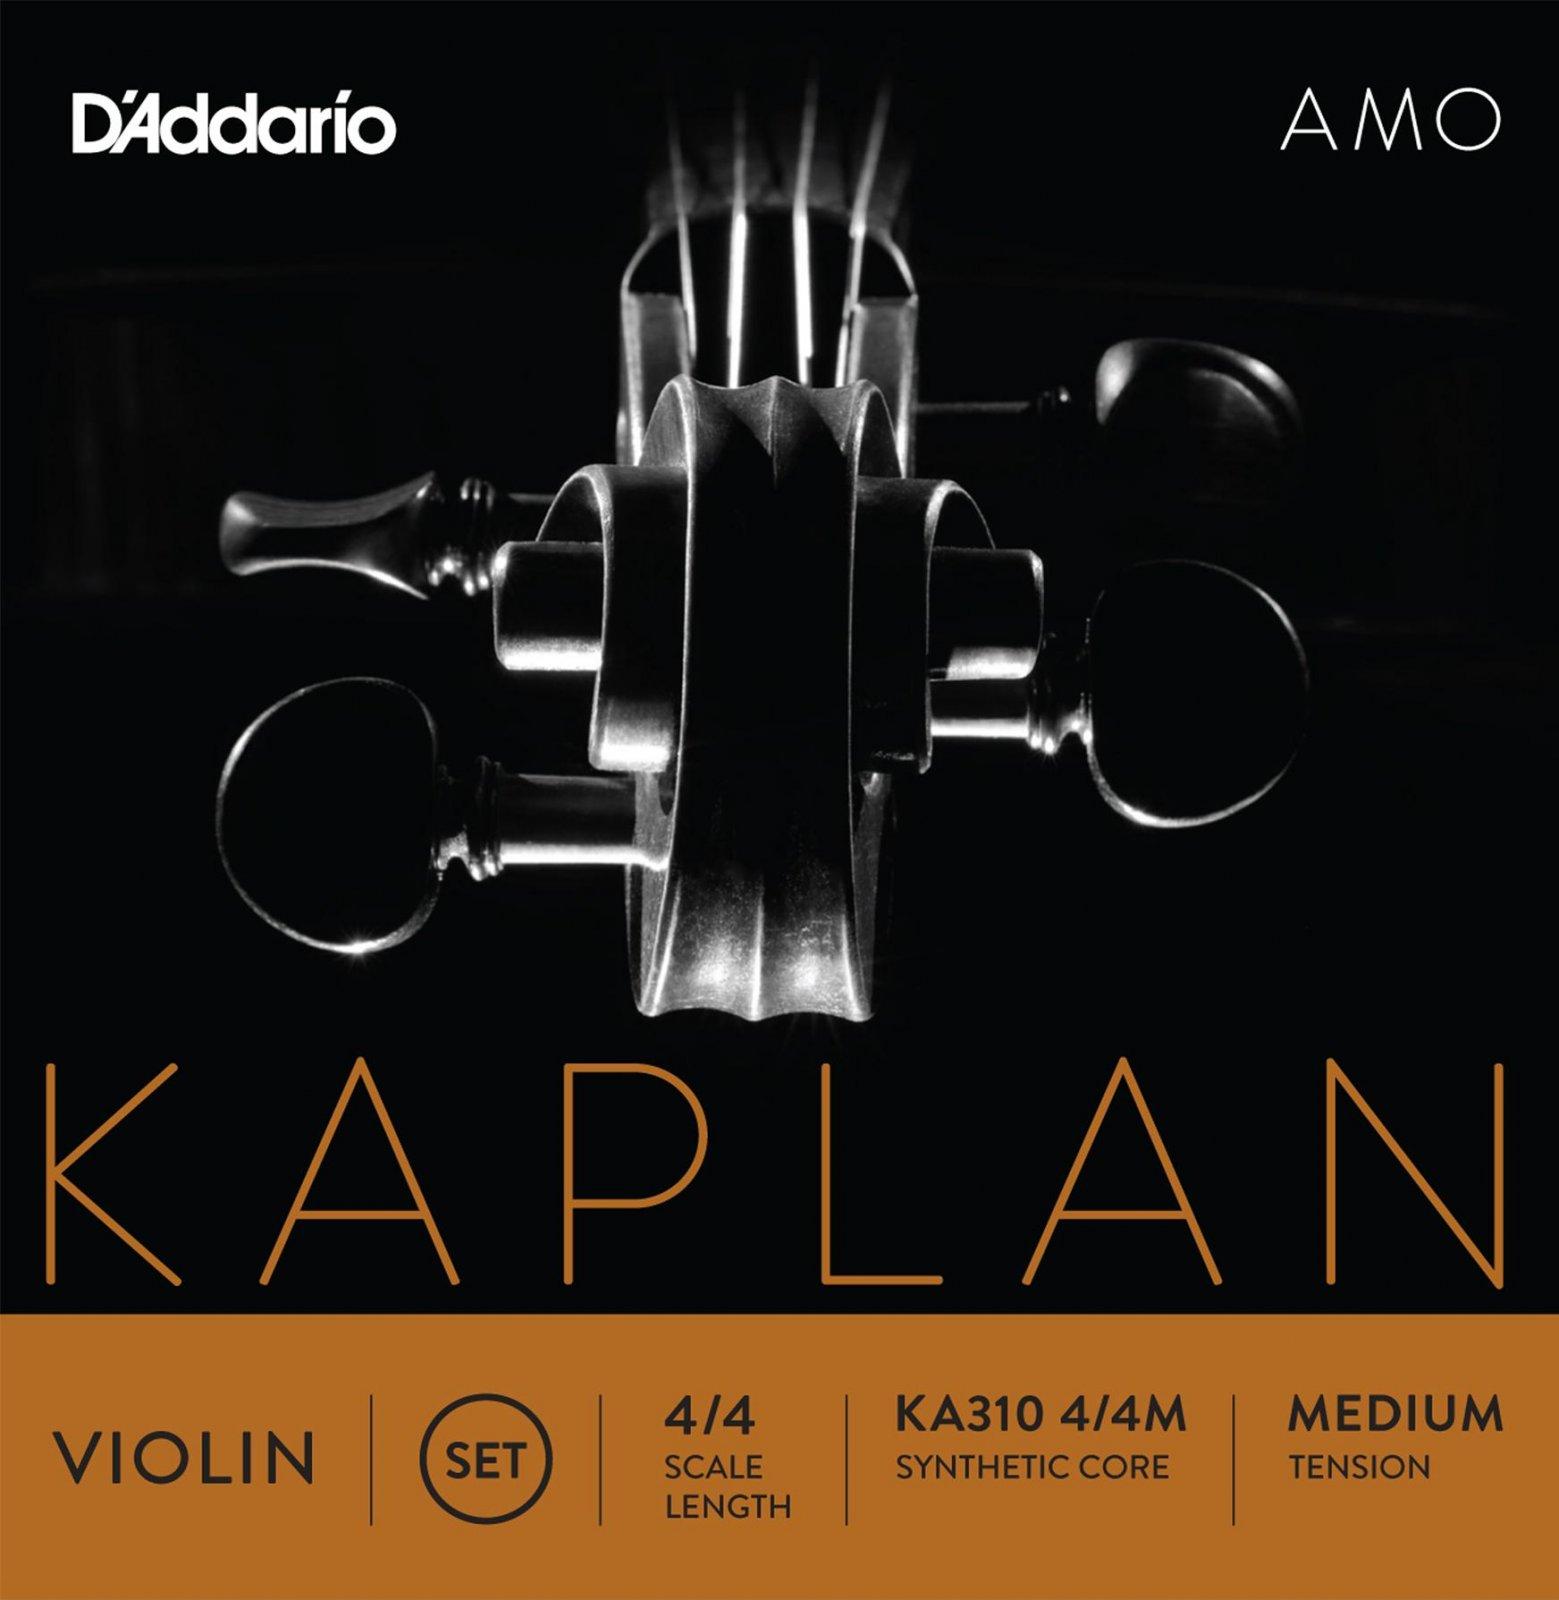 Kaplan Amo Violin